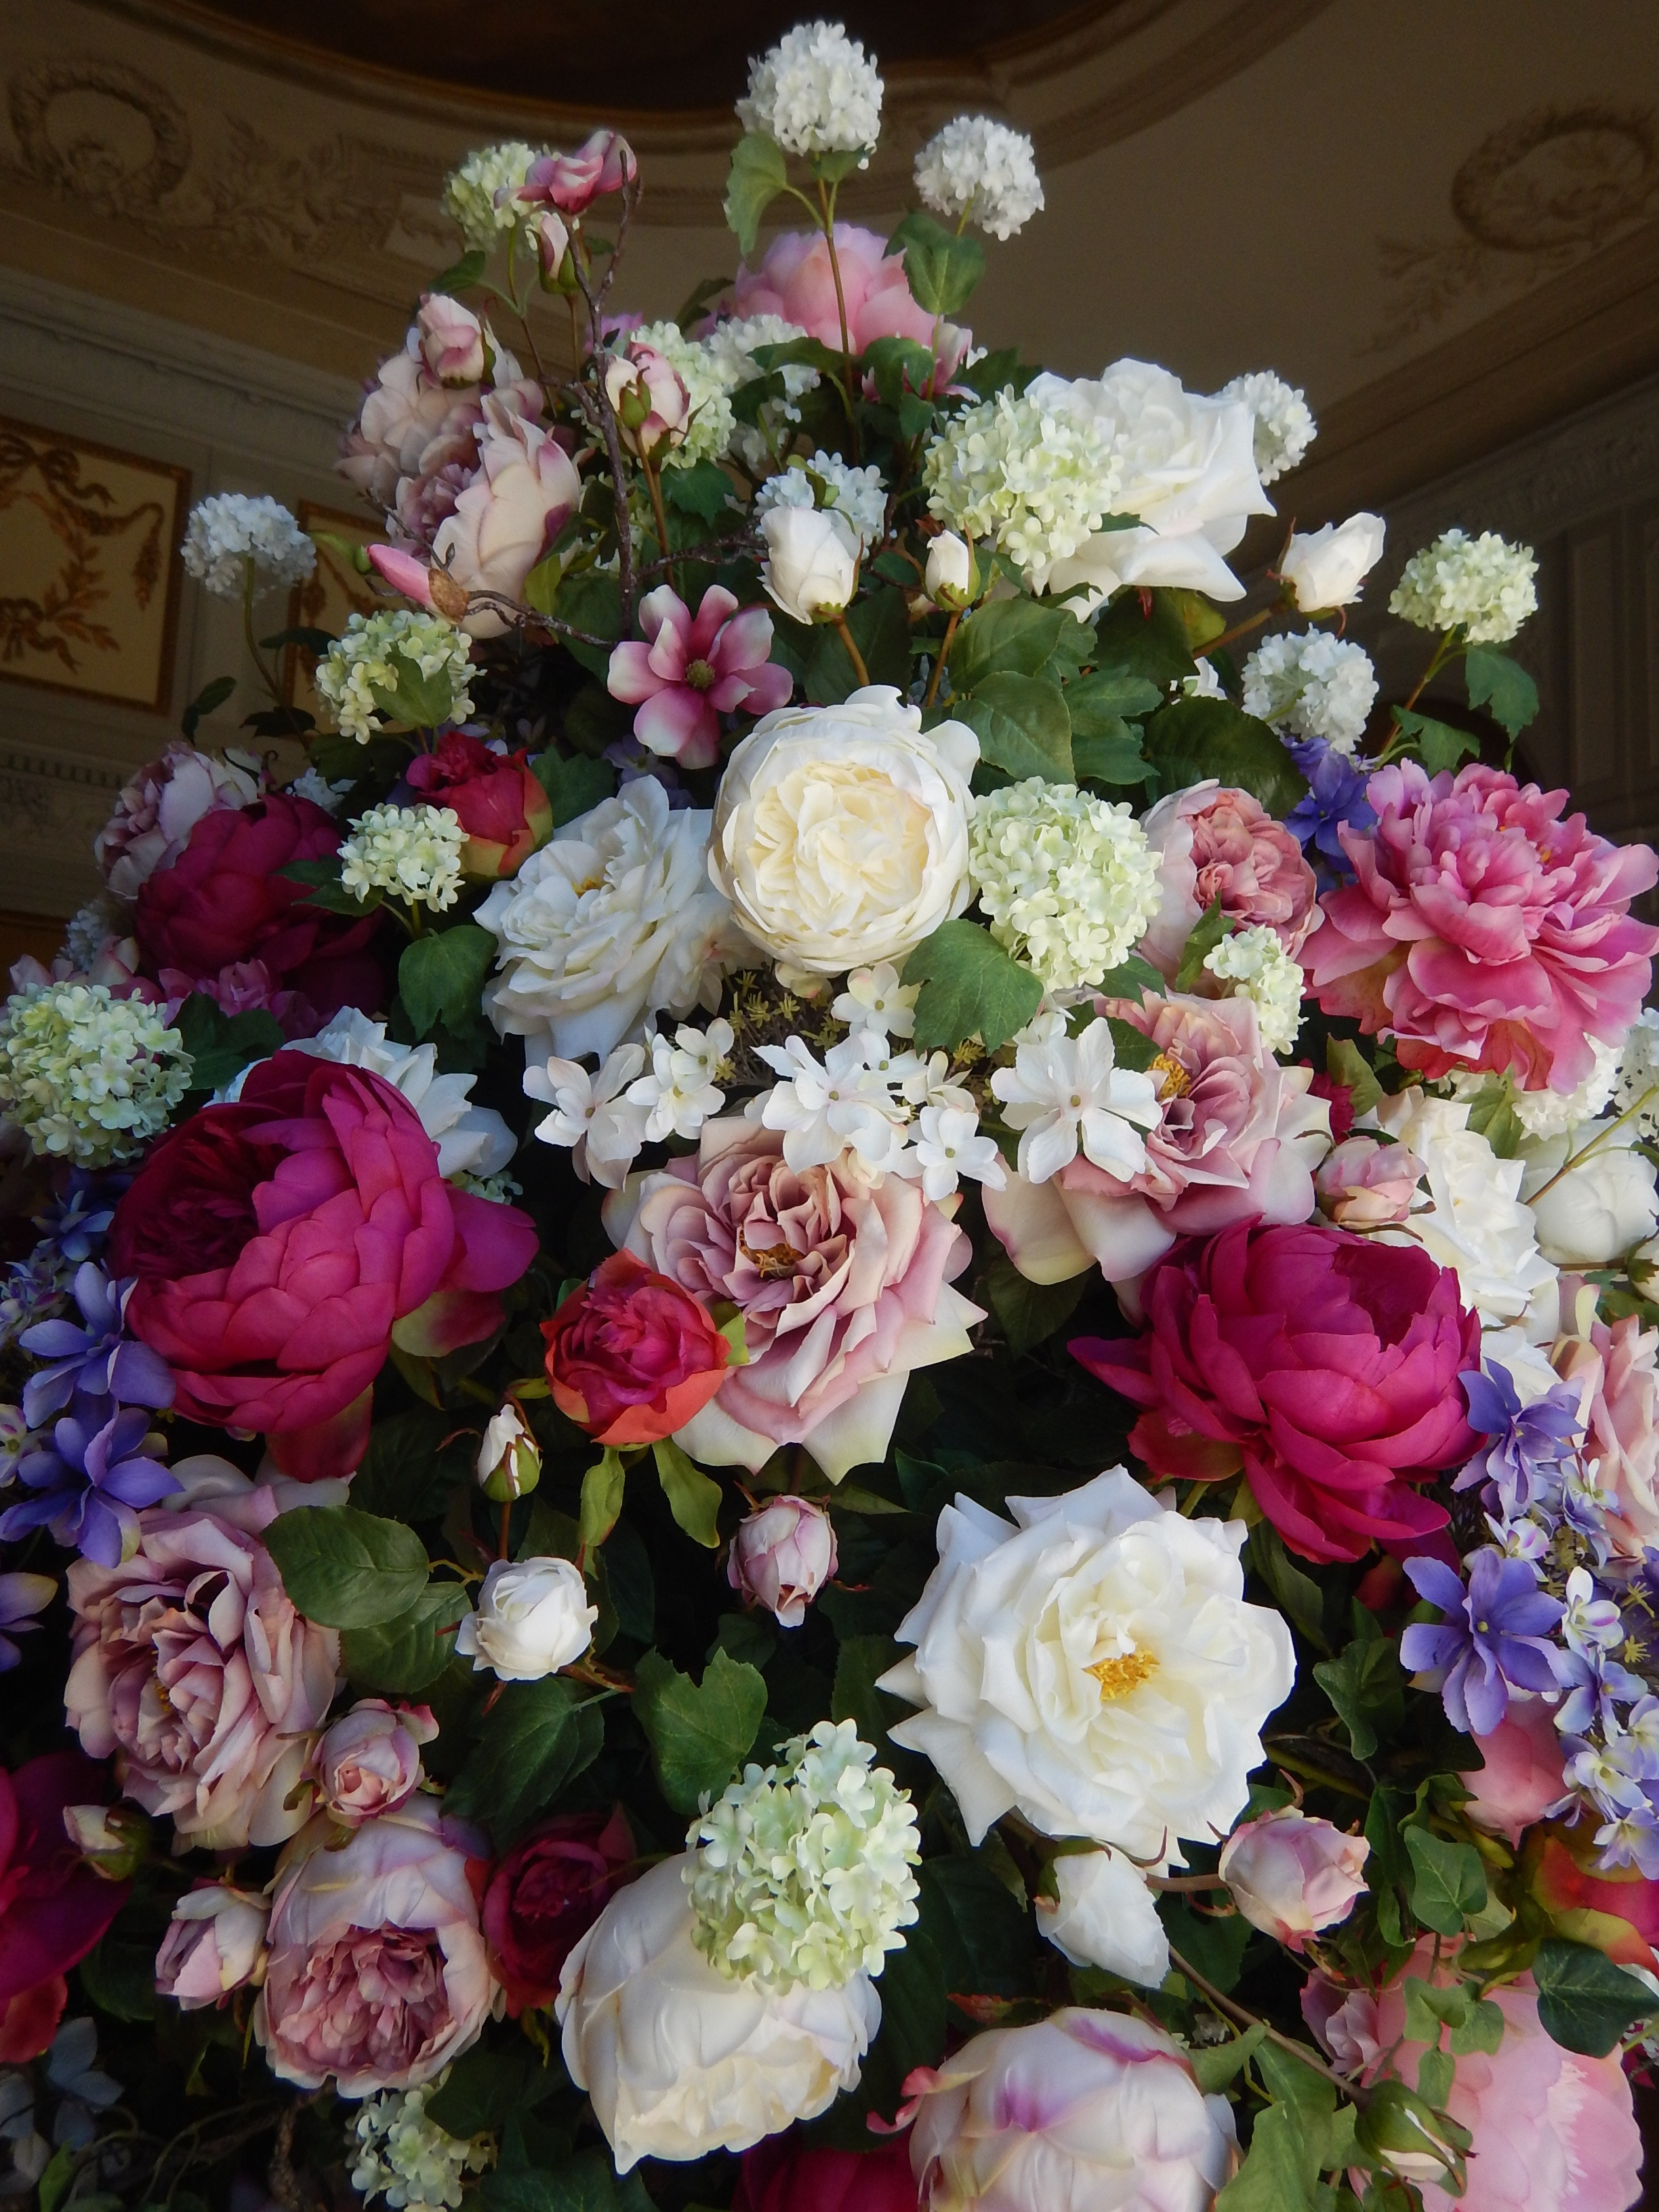 beautiful floral arrangement.